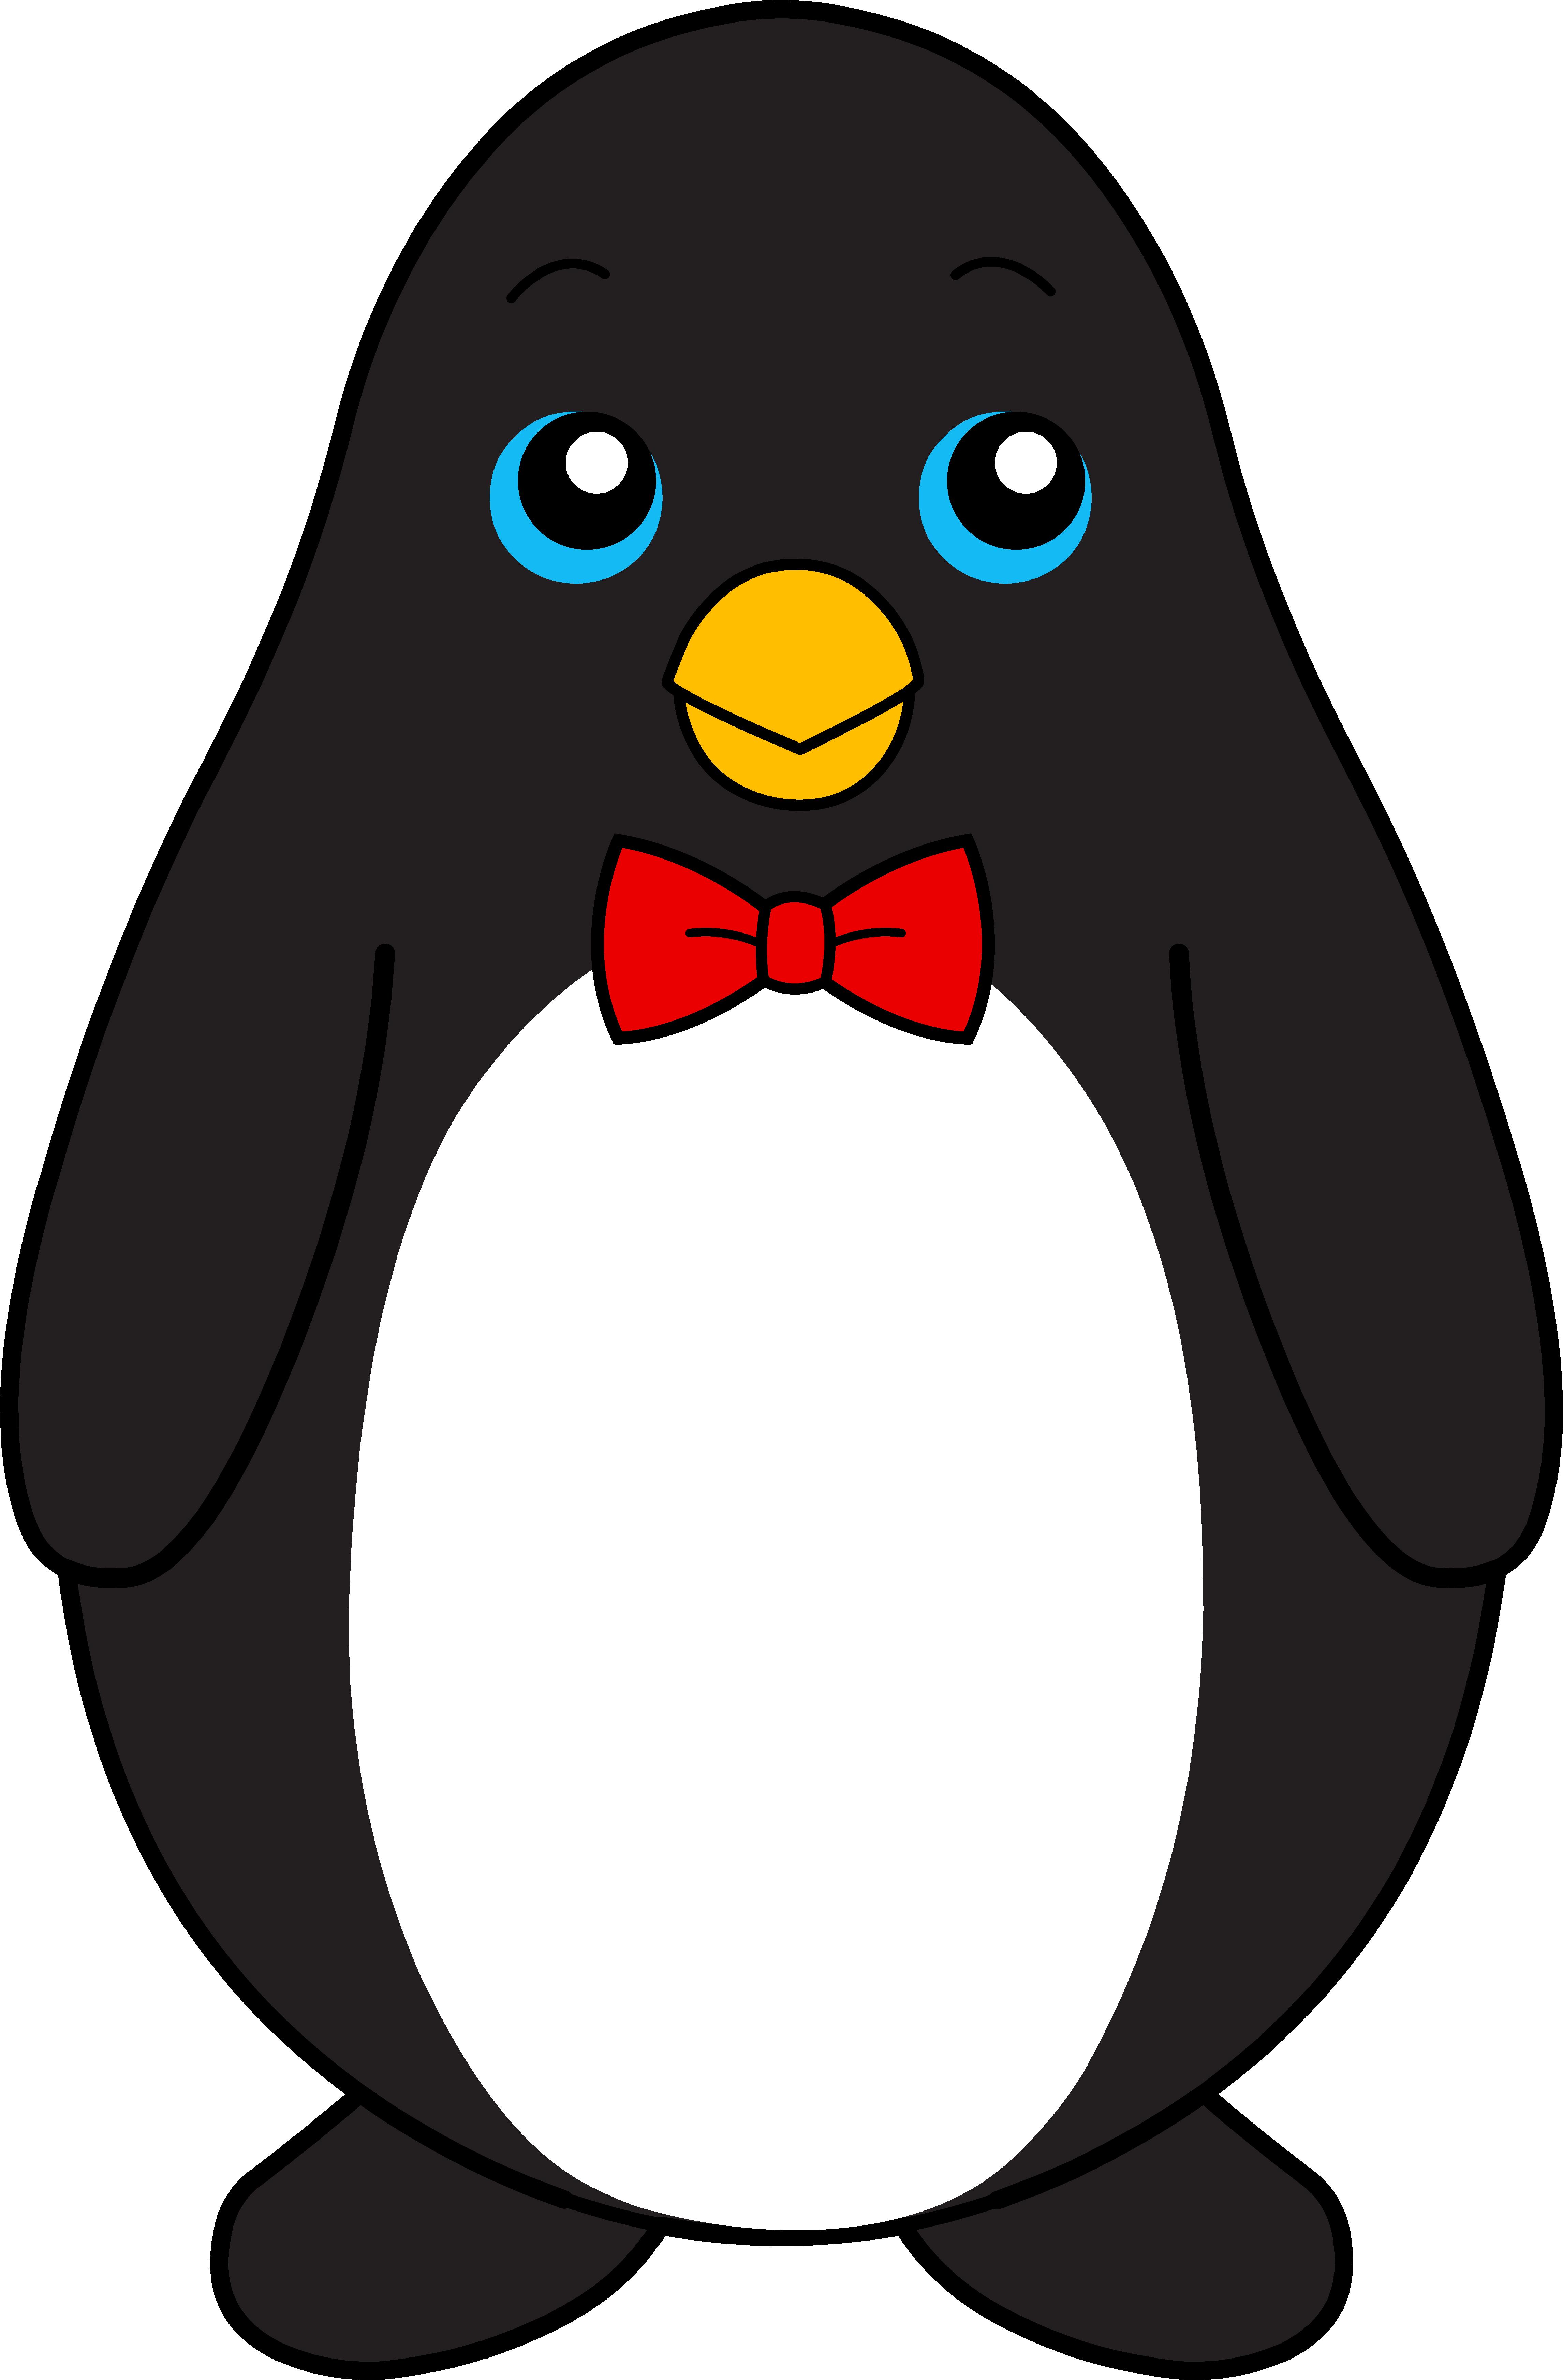 Пингвин картинка для детей мультяшная